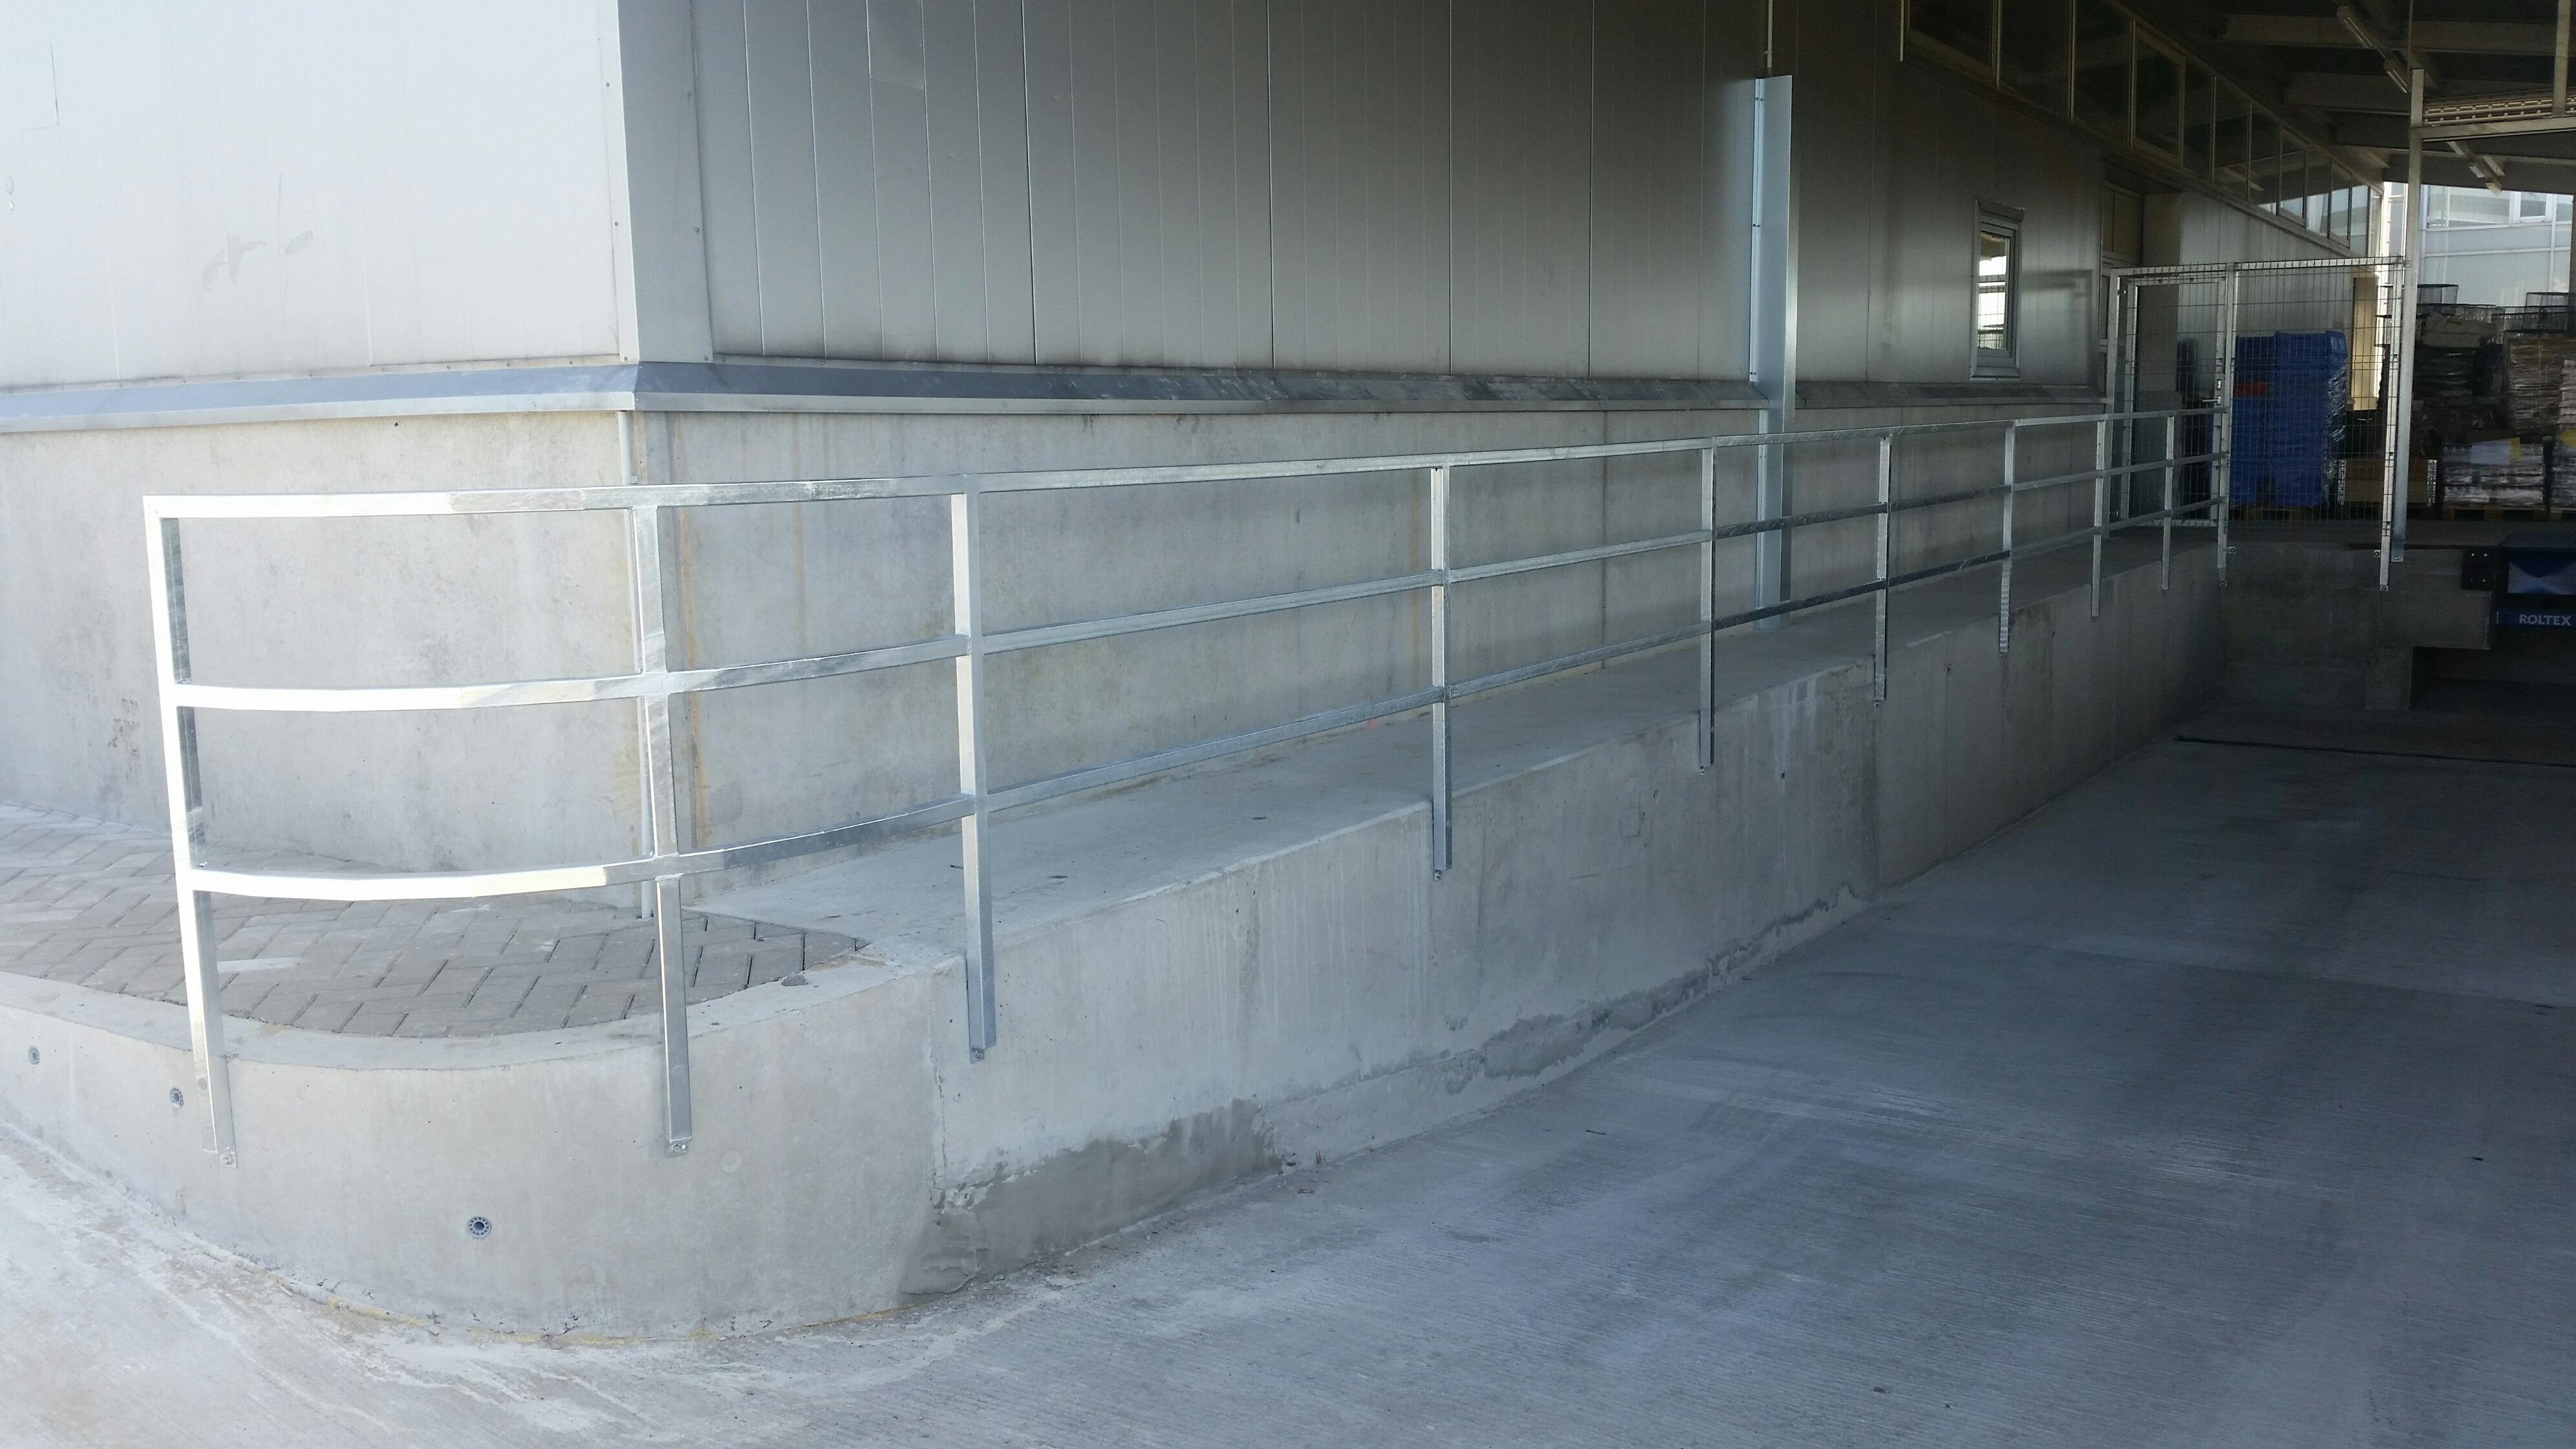 Metallpiirded, trepipiirded, käsipuu